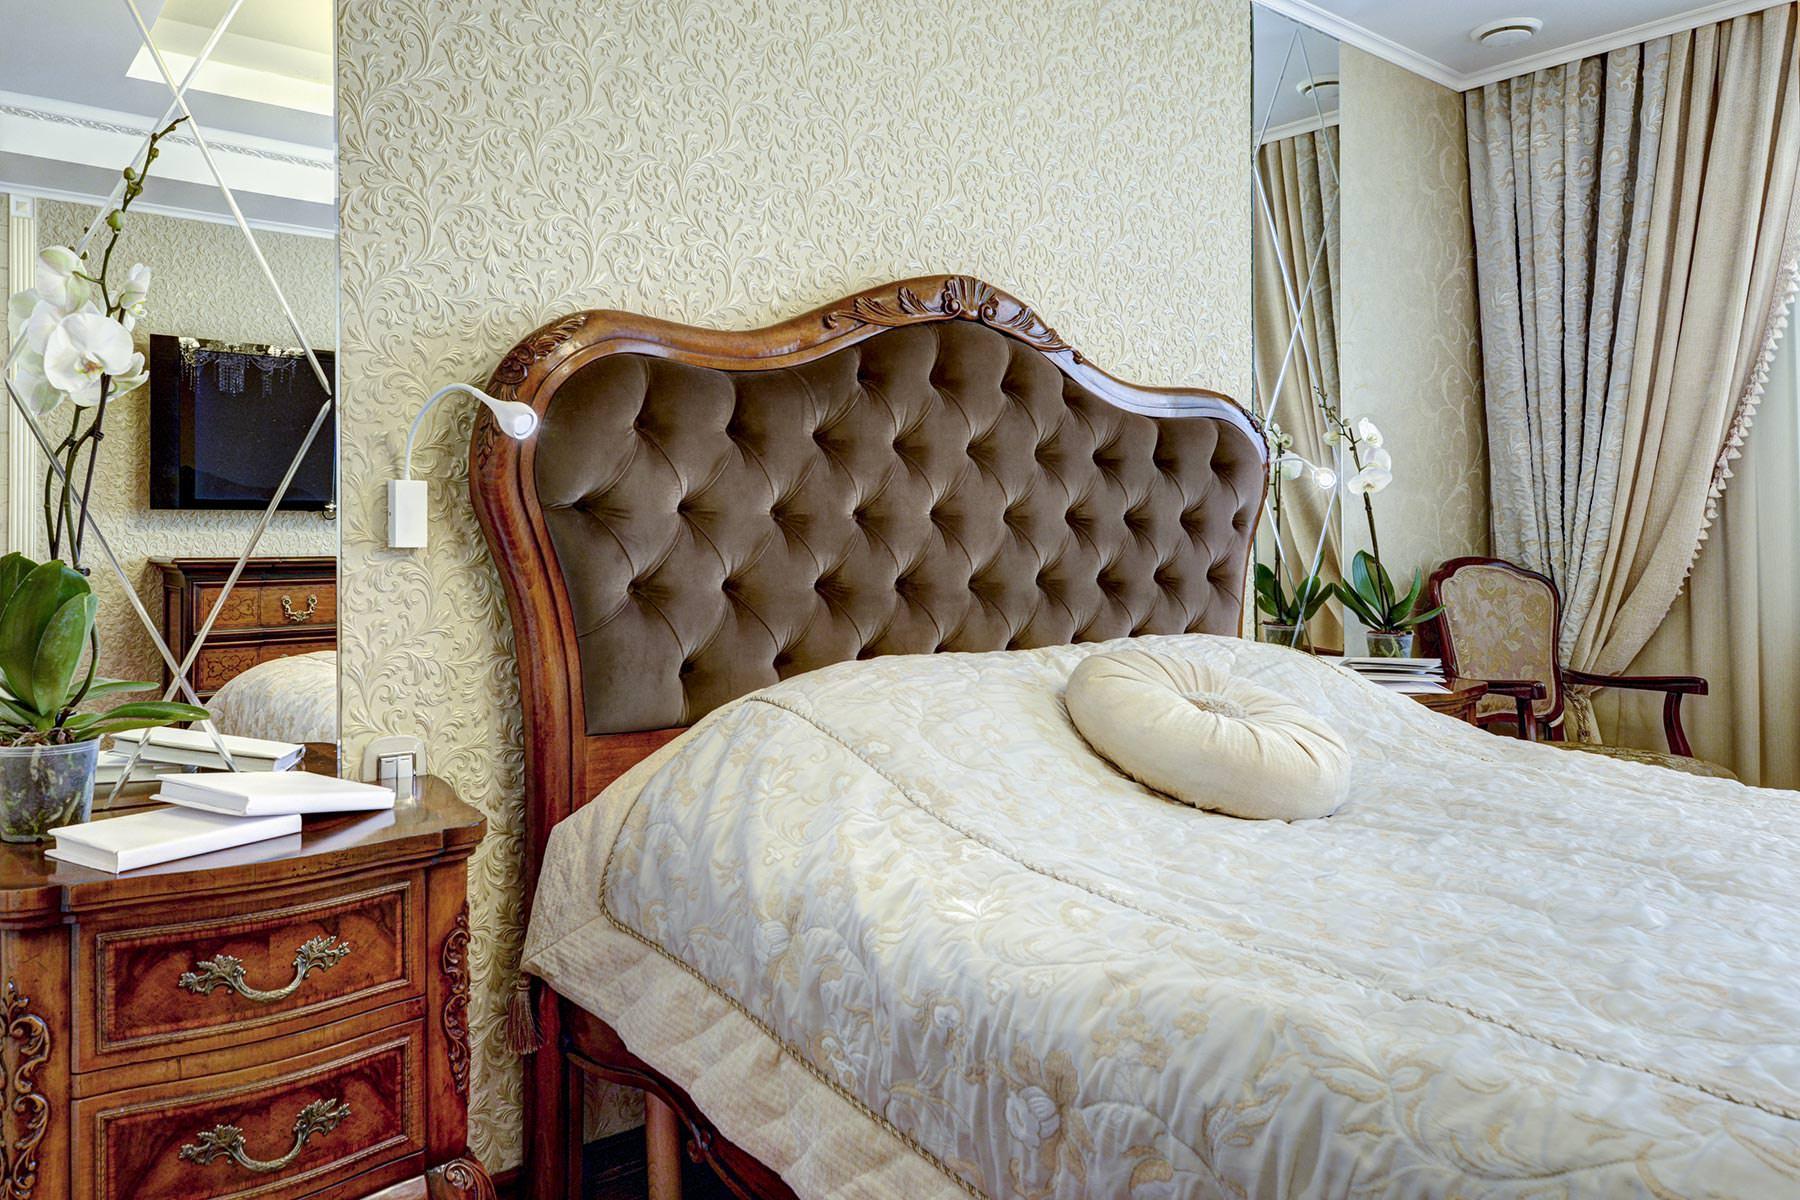 Спальная дизайн интерьера классический стиль